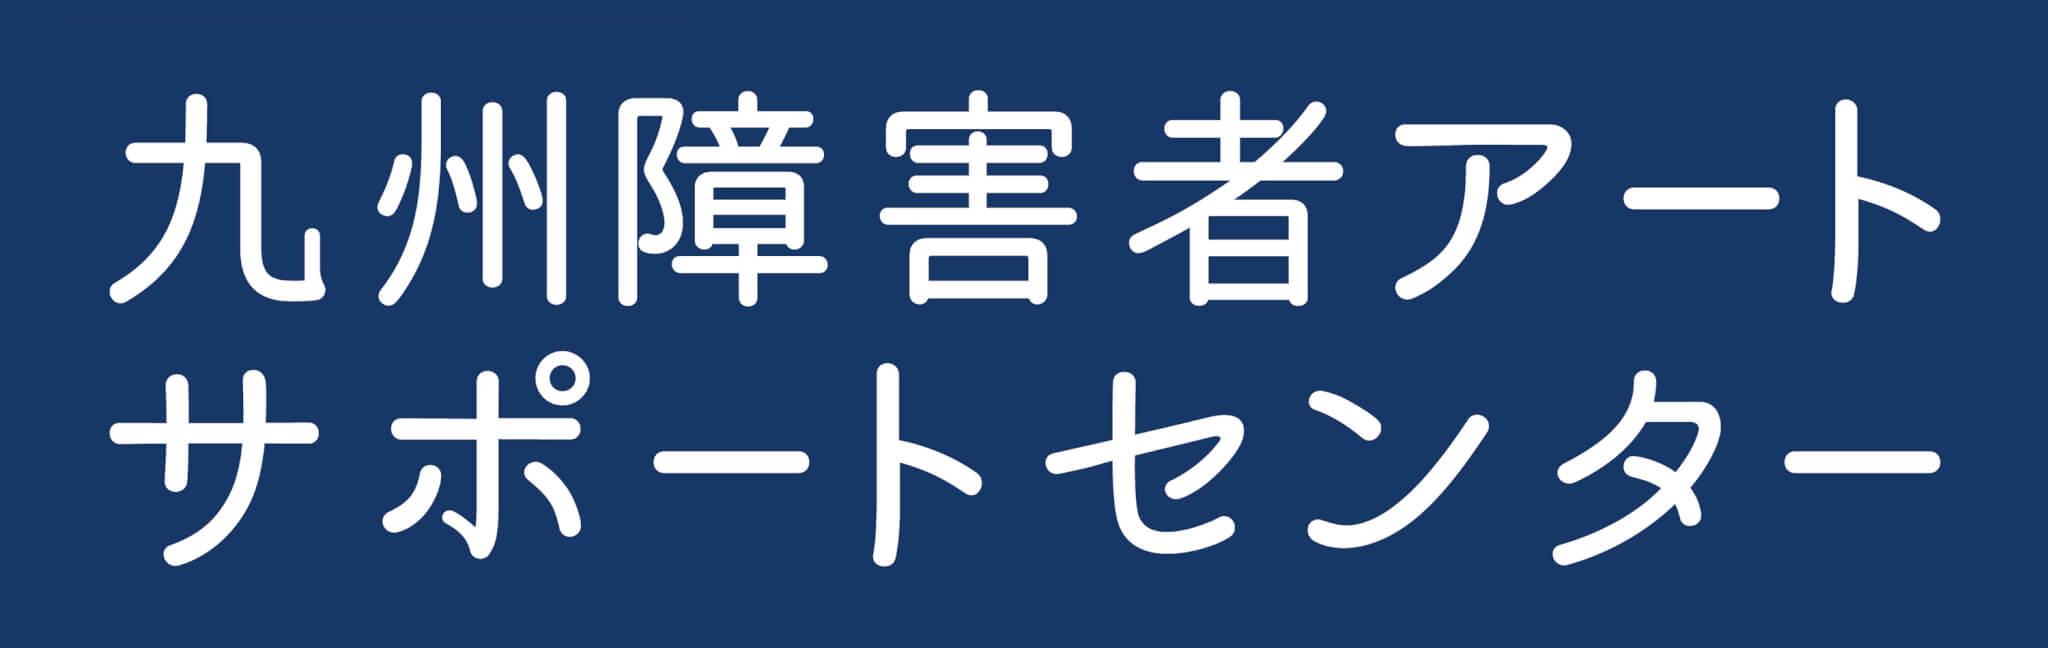 九州障害者アートサポートセンター